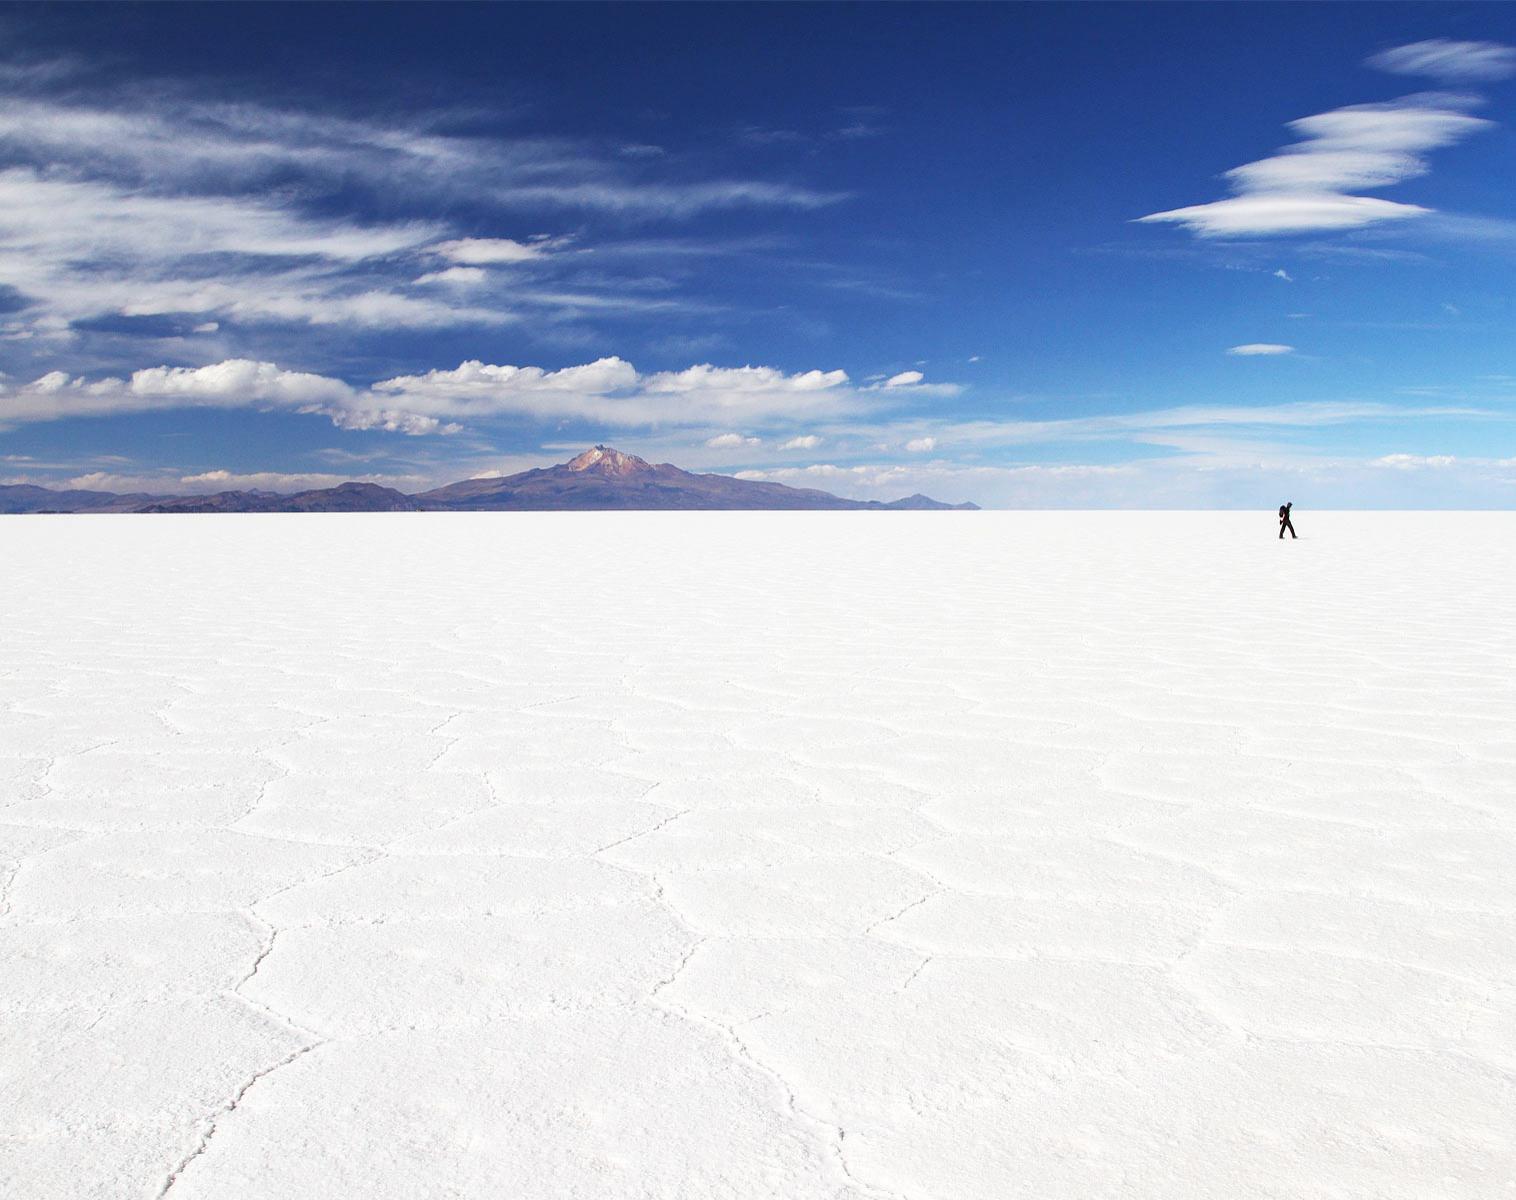 Pérou  Pérou - Bolivie - Chili : du Machu Picchu à Uyuni   Découverte Trek & Randonnée Photo Observation nature